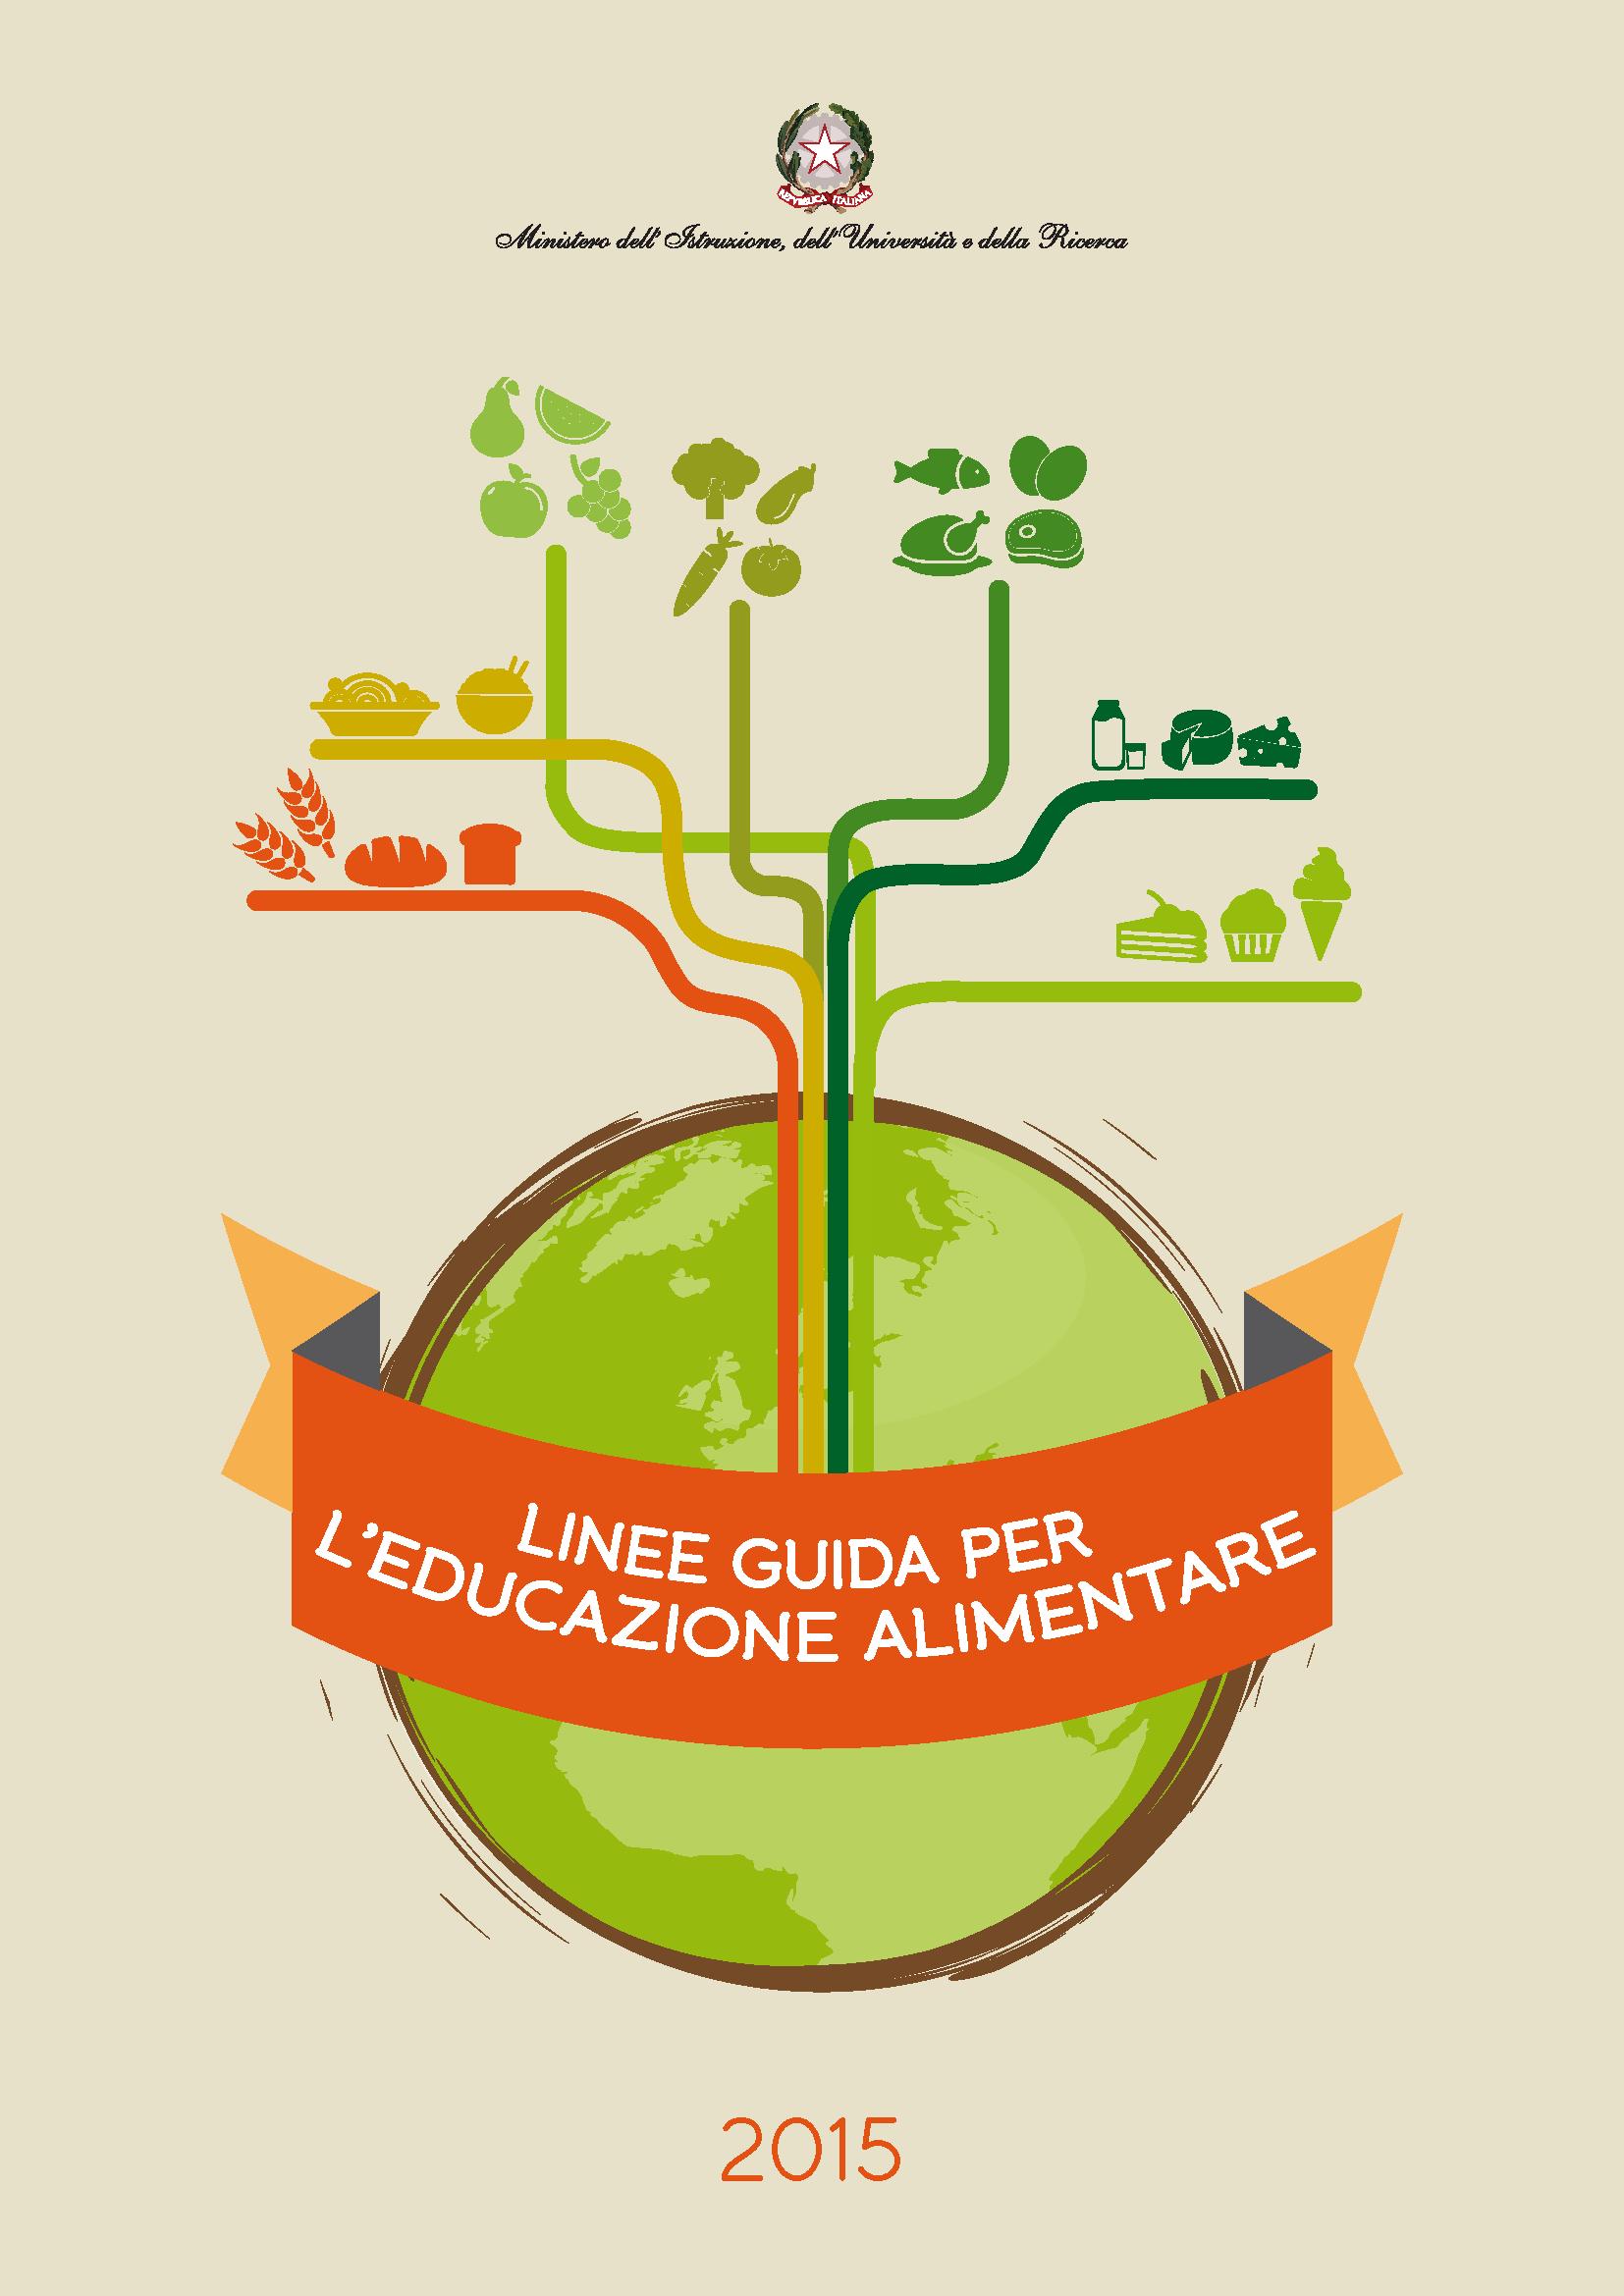 Edizione 2015 delle Linee Guida per l'Educazione Alimentare del MIUR